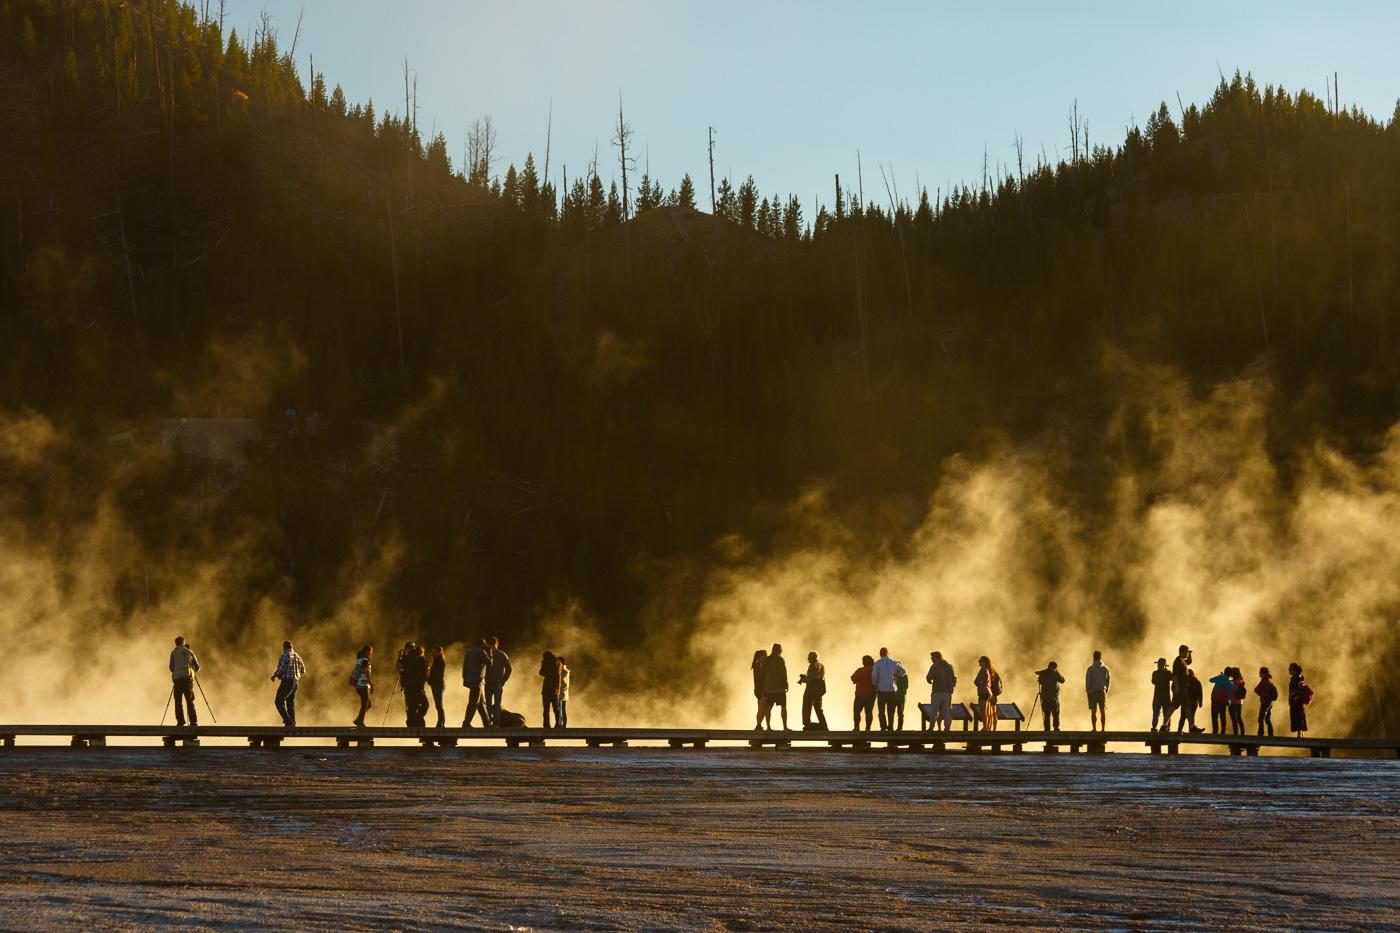 Smoke on the water - Paisatges de Nord-Amèrica - Raül Carmona - Fotografia, Fotografia d'estudi, esdeveniments i Natura